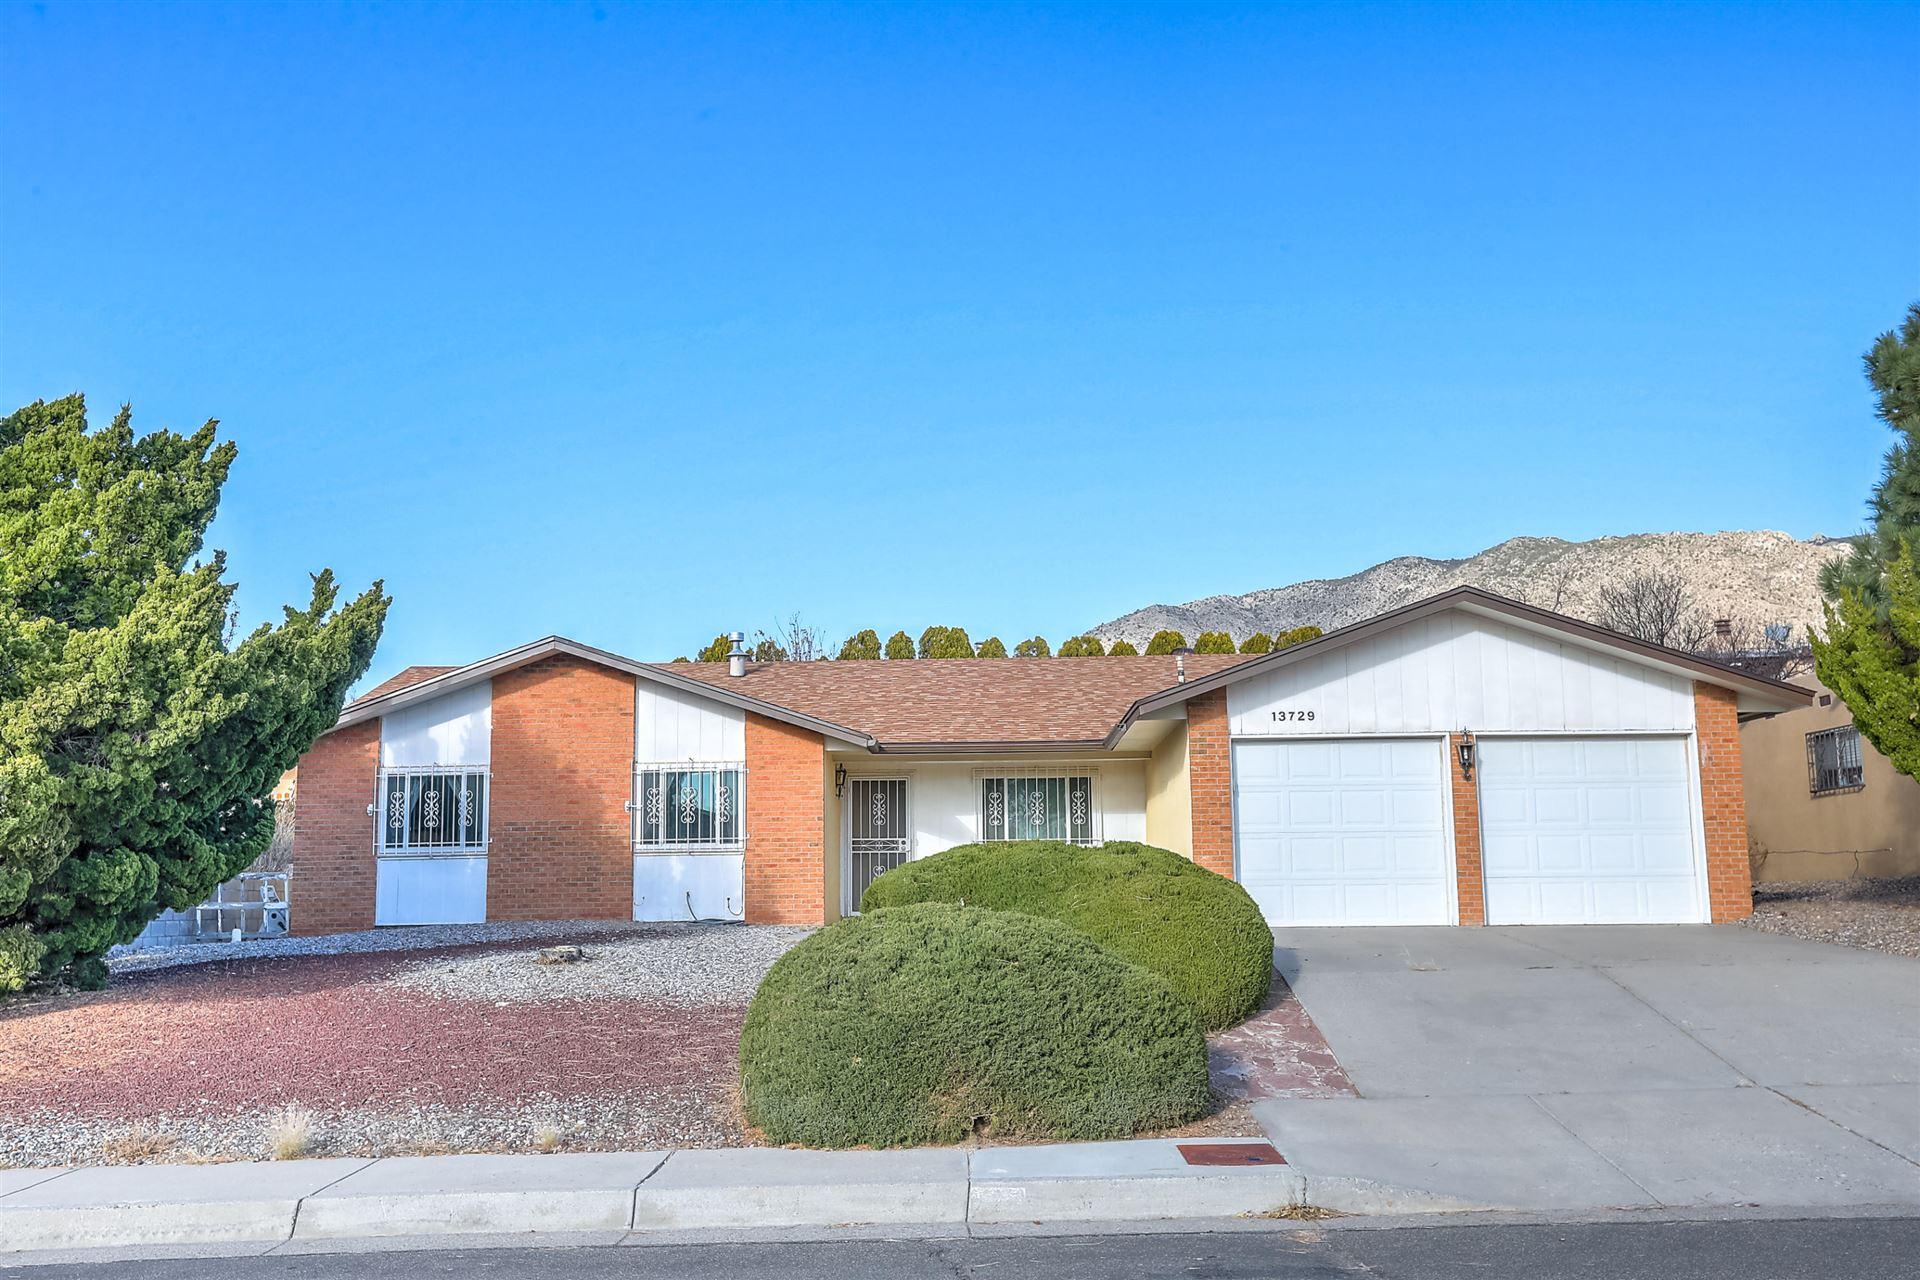 13729 PRUITT Drive NE, Albuquerque, NM 87112 - MLS#: 981719